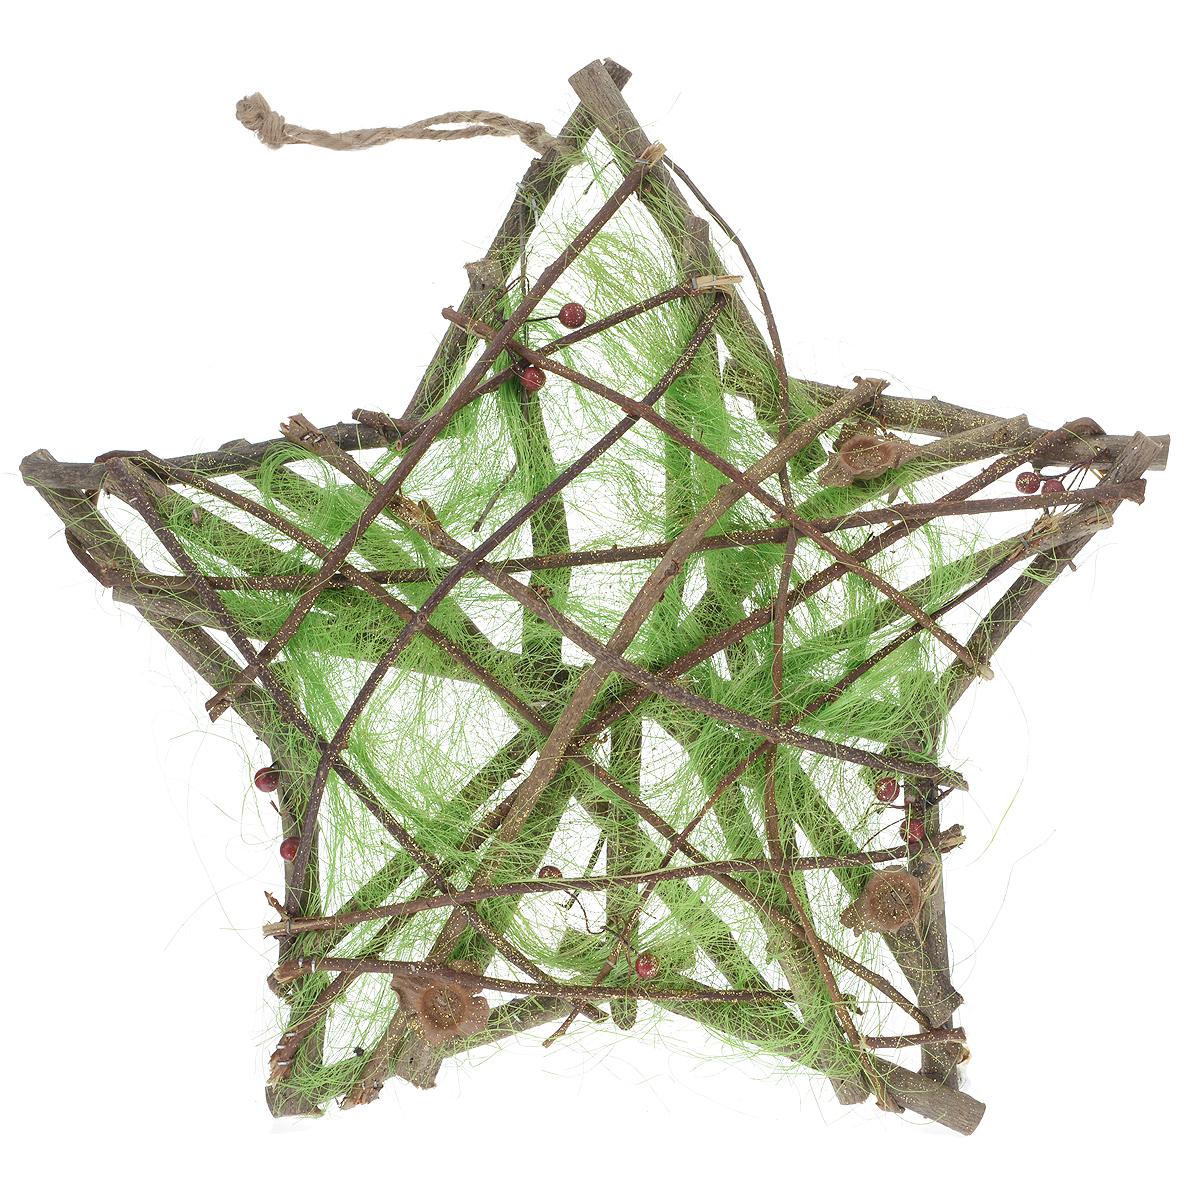 Декоративный элемент Dongjiang Art, 43 х 43 смK100Декоративный элемент Dongjiang Art, изготовленный из натурального дерева, представляет собой звезду, оформленную цветными нитями и блестками. Изделиепредназначено для дальнейшего украшения бусинами, лентами, стразами, фигурками, бумагой и другим материалом.Работа, выполненная своими руками, станет замечательным подарком для близких и друзей!Размер элемента: 43 см х 43 см х 4,5 см.